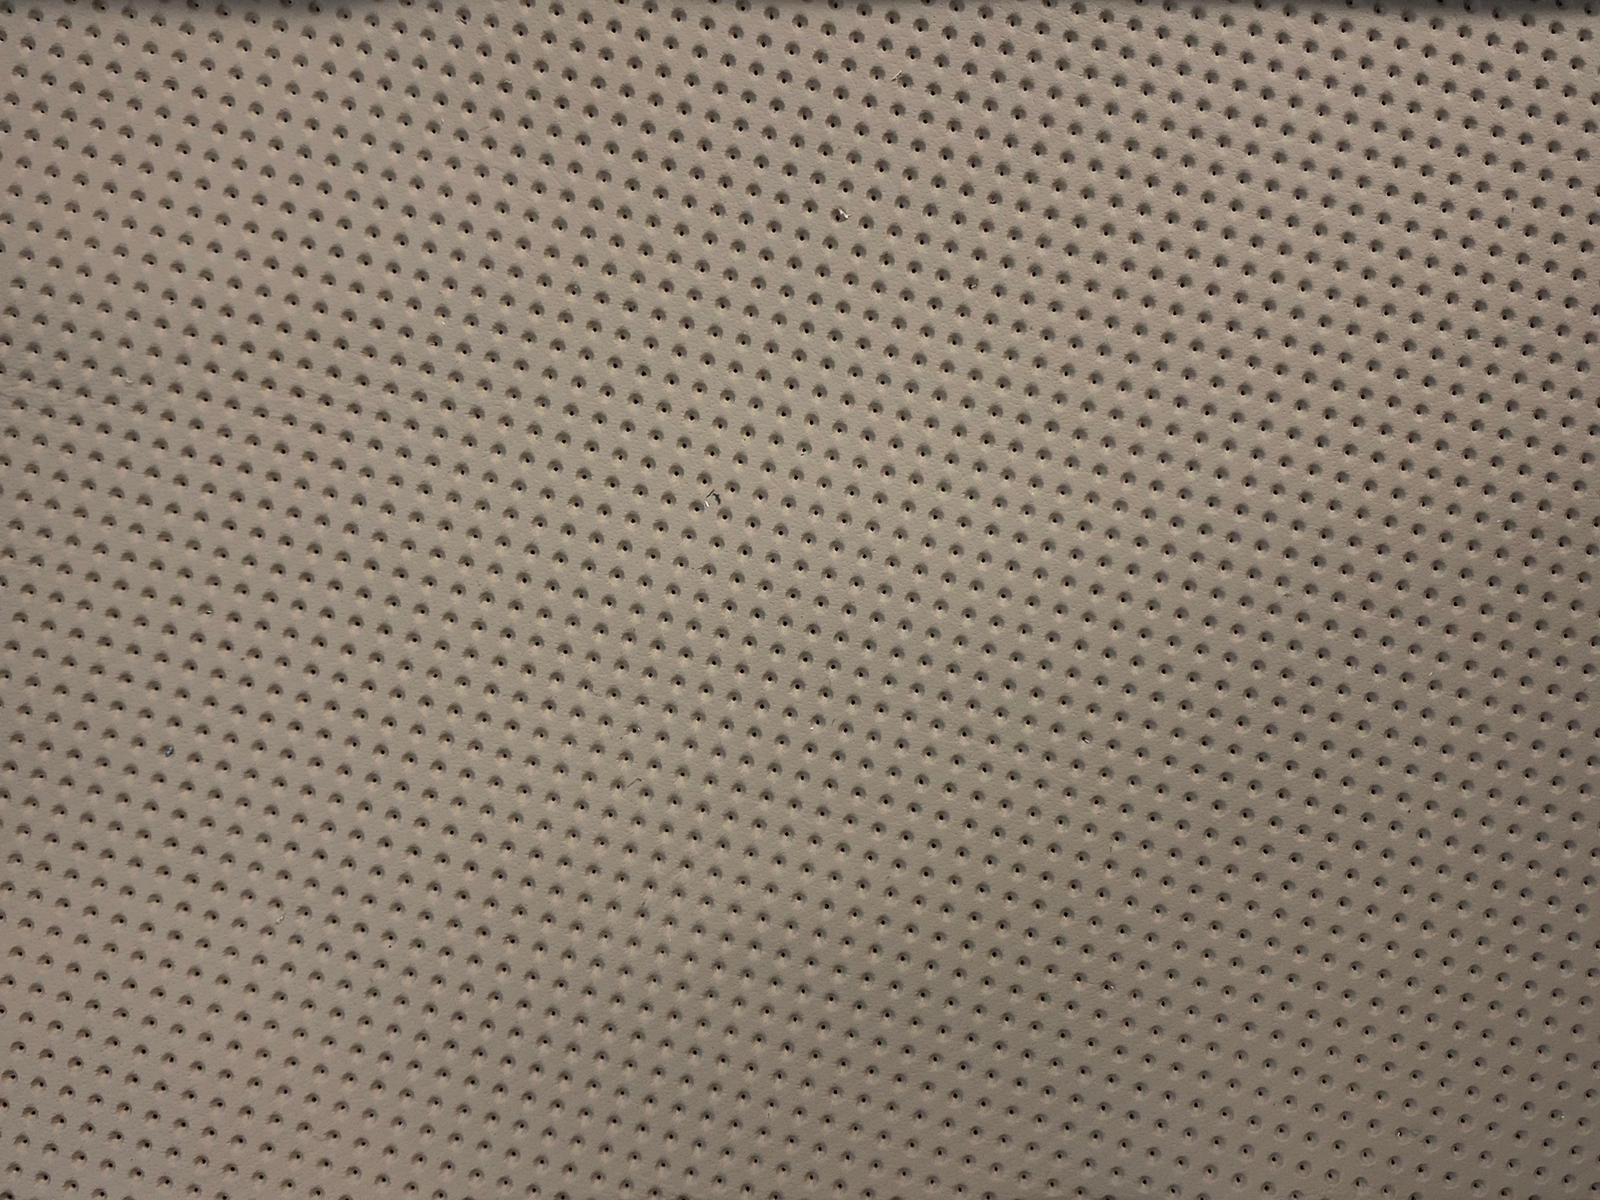 tapiterie perforata volane nisip